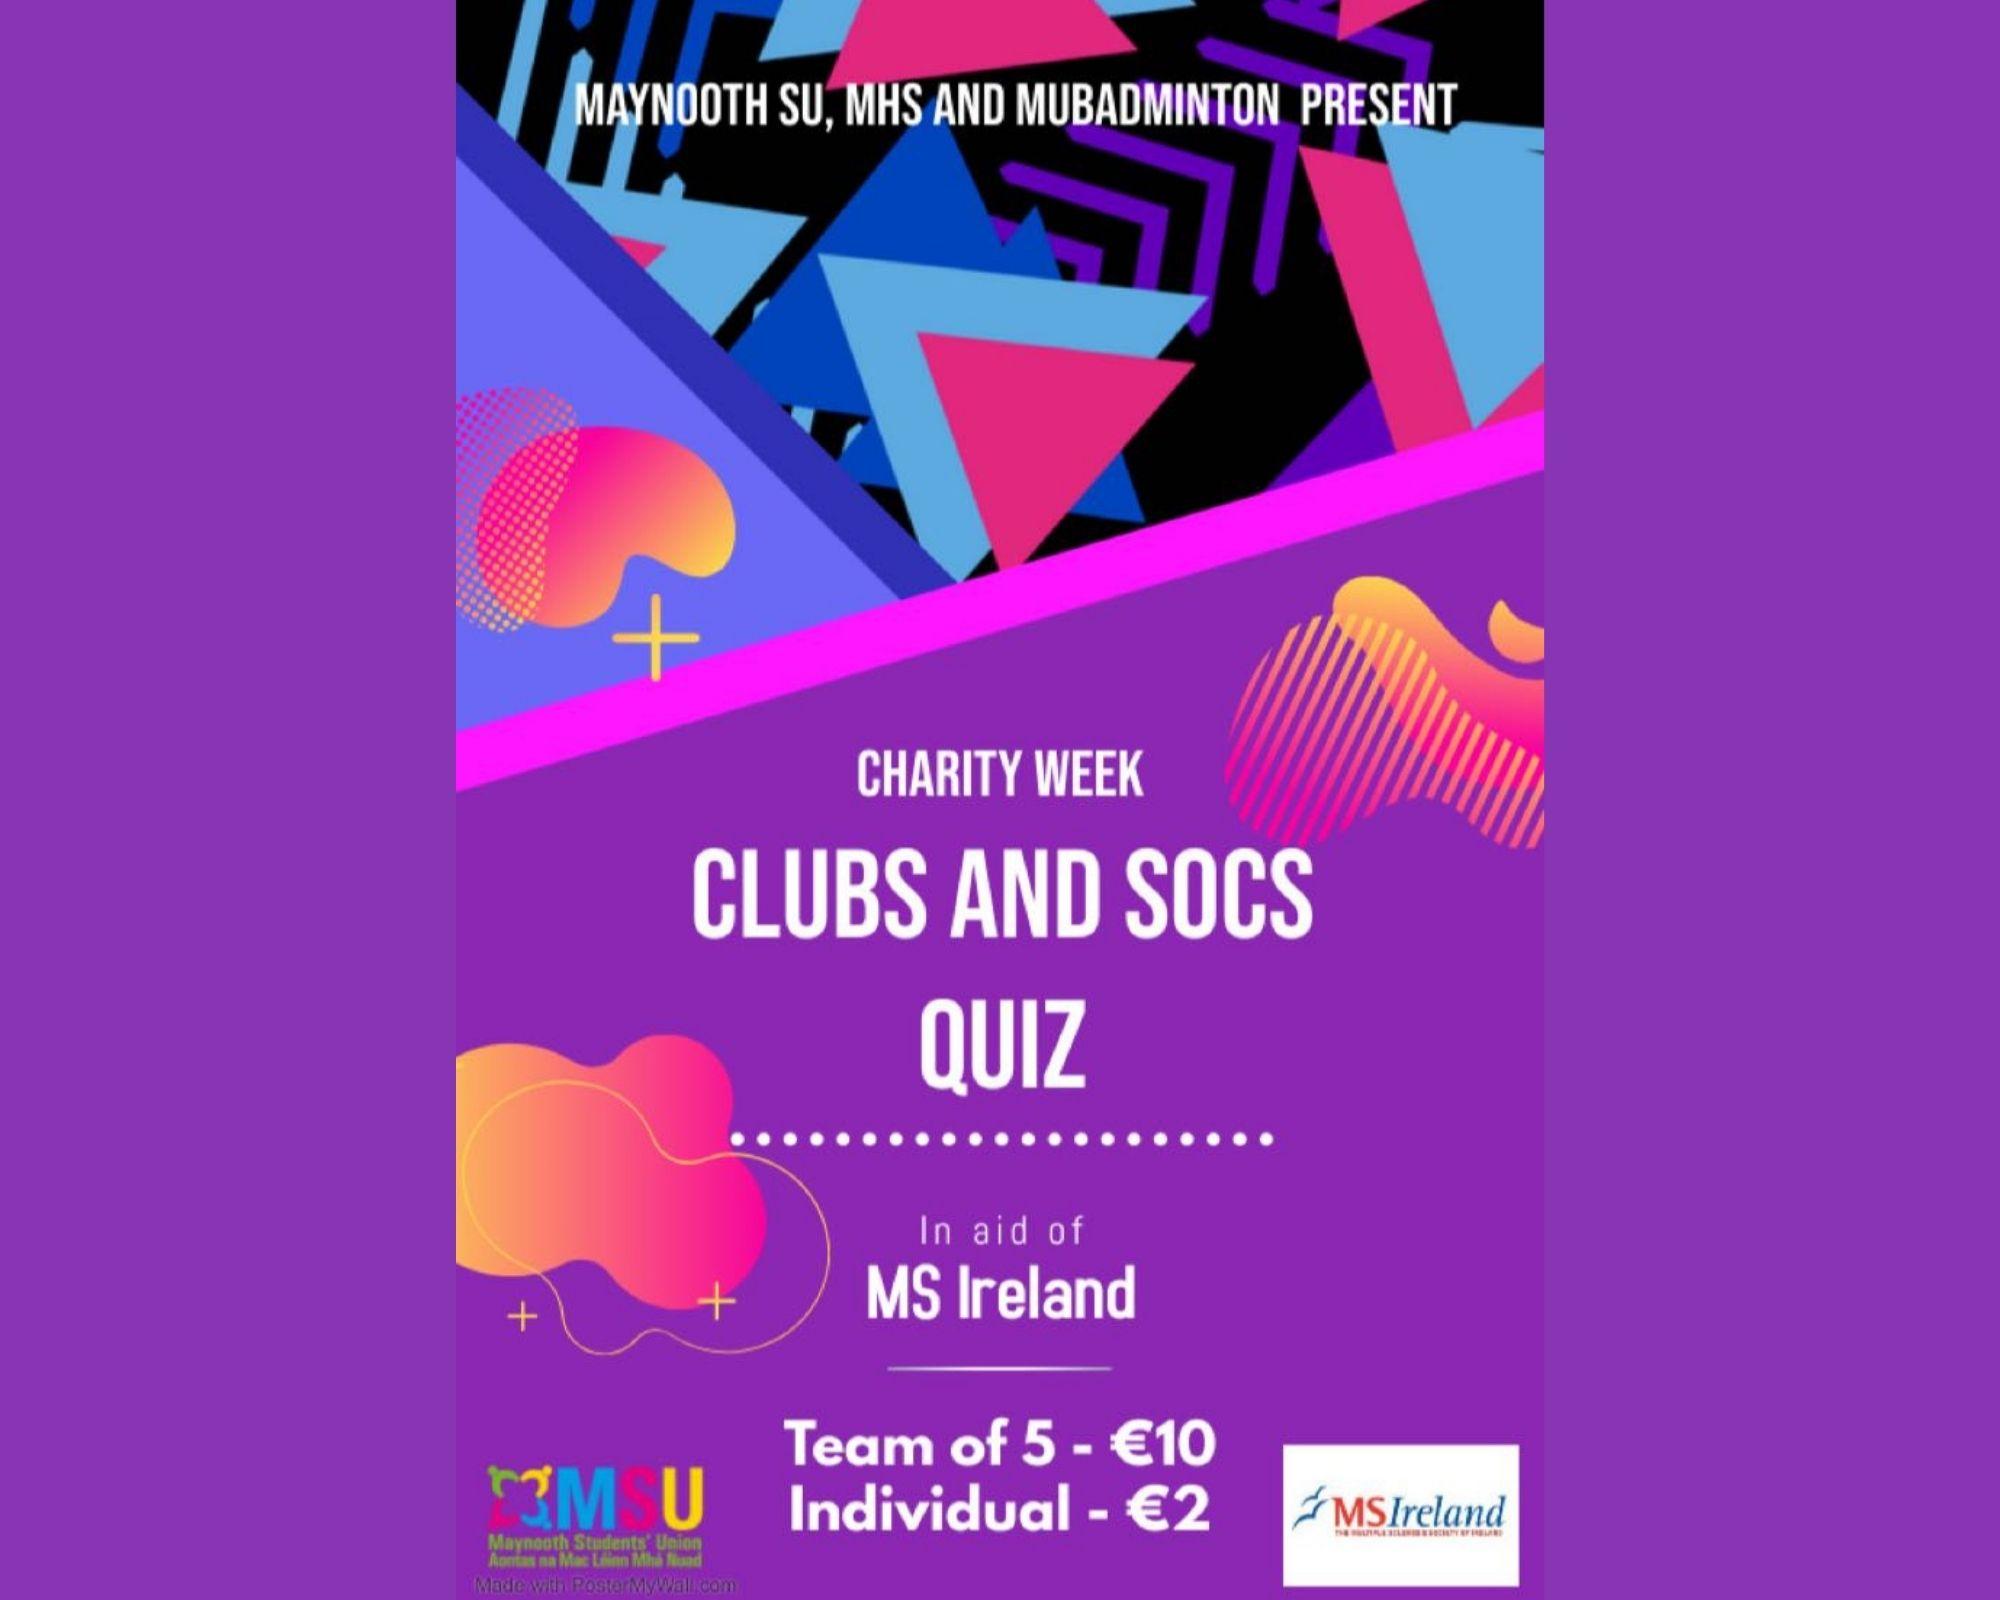 Clubs and Socs Quiz